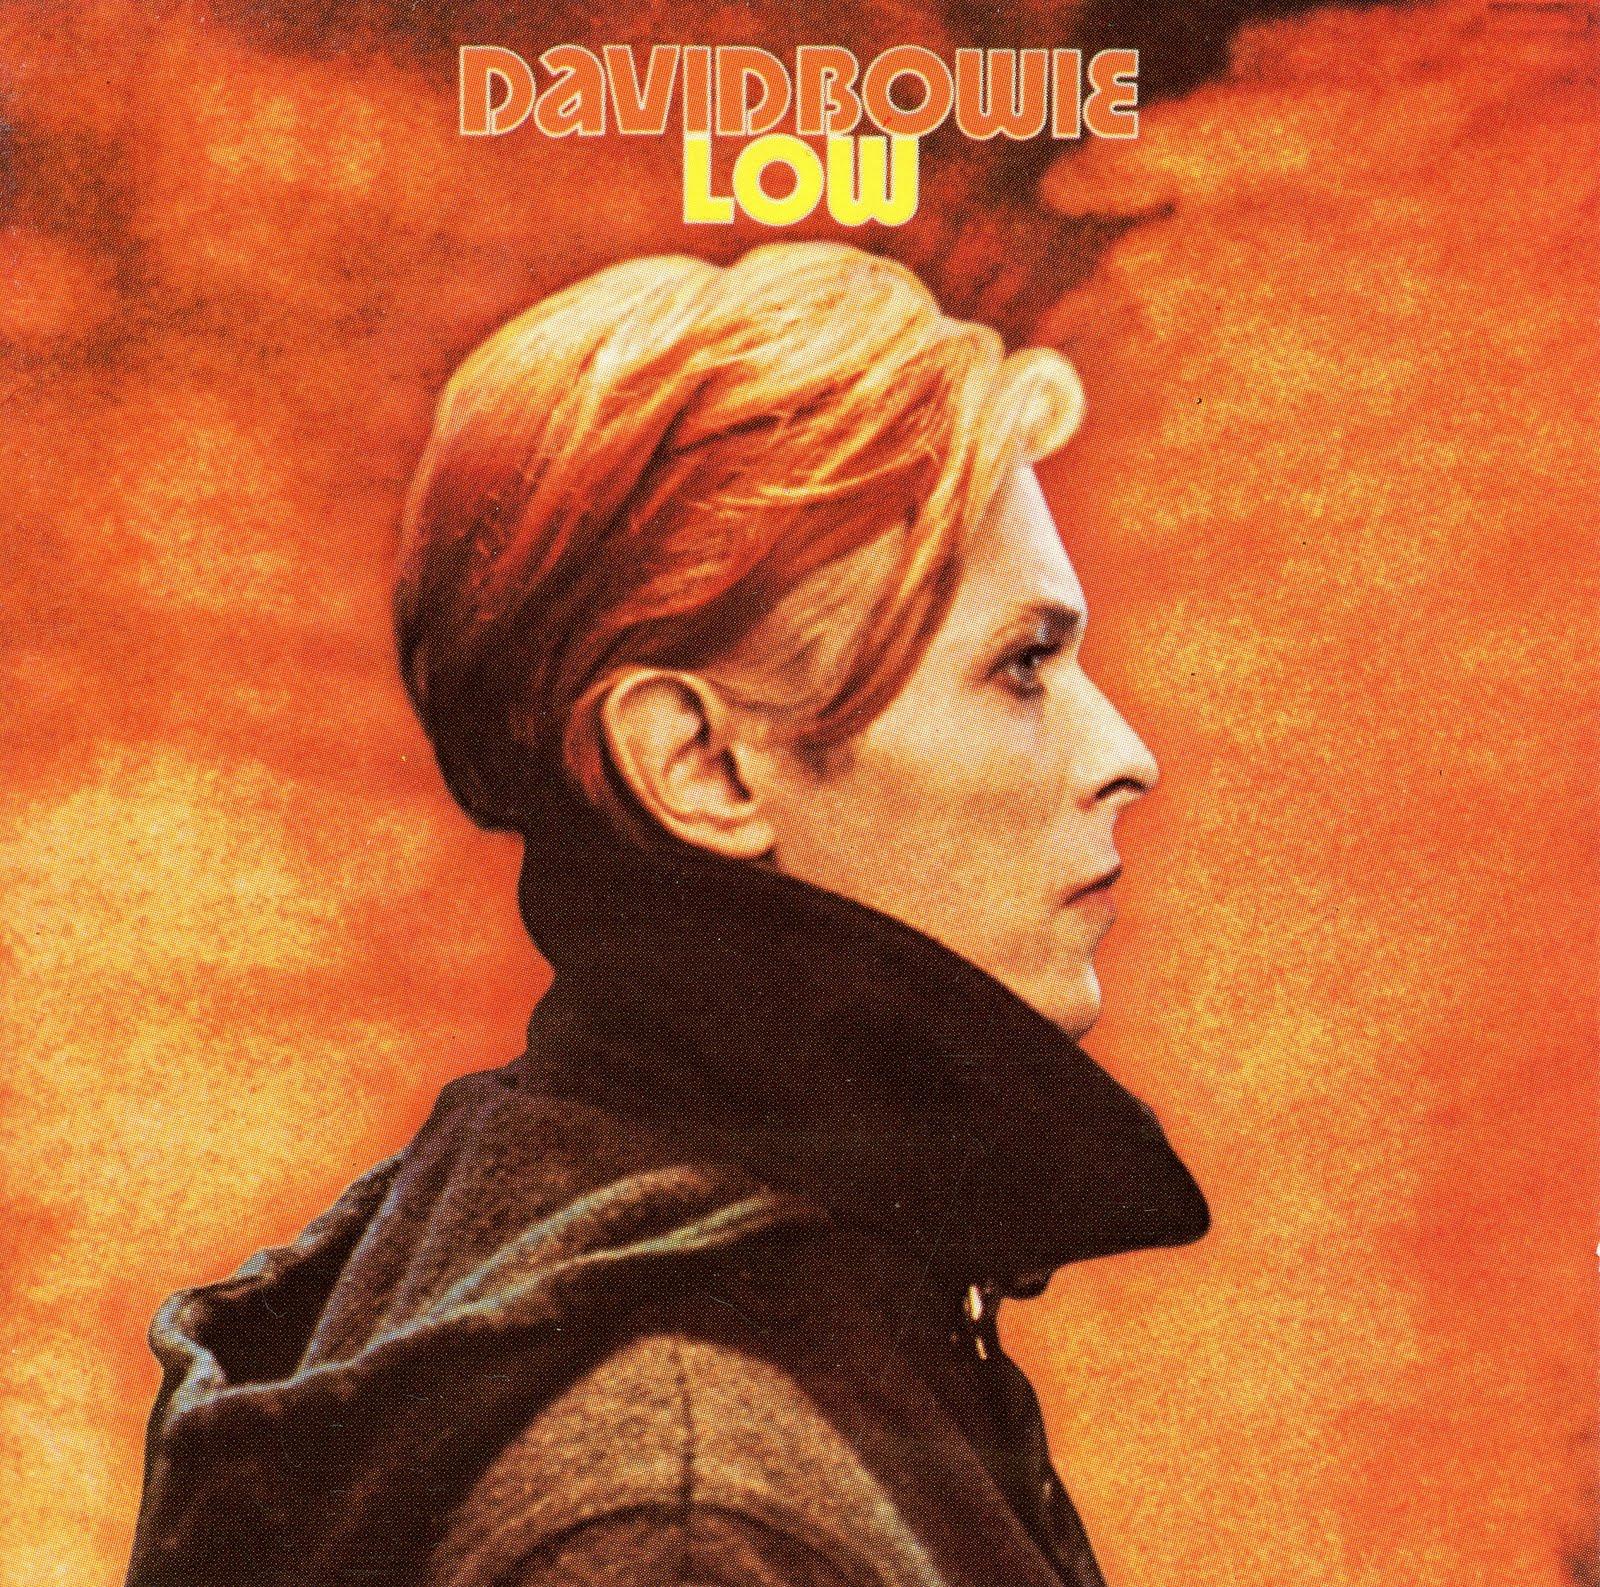 Low, de David Bowie